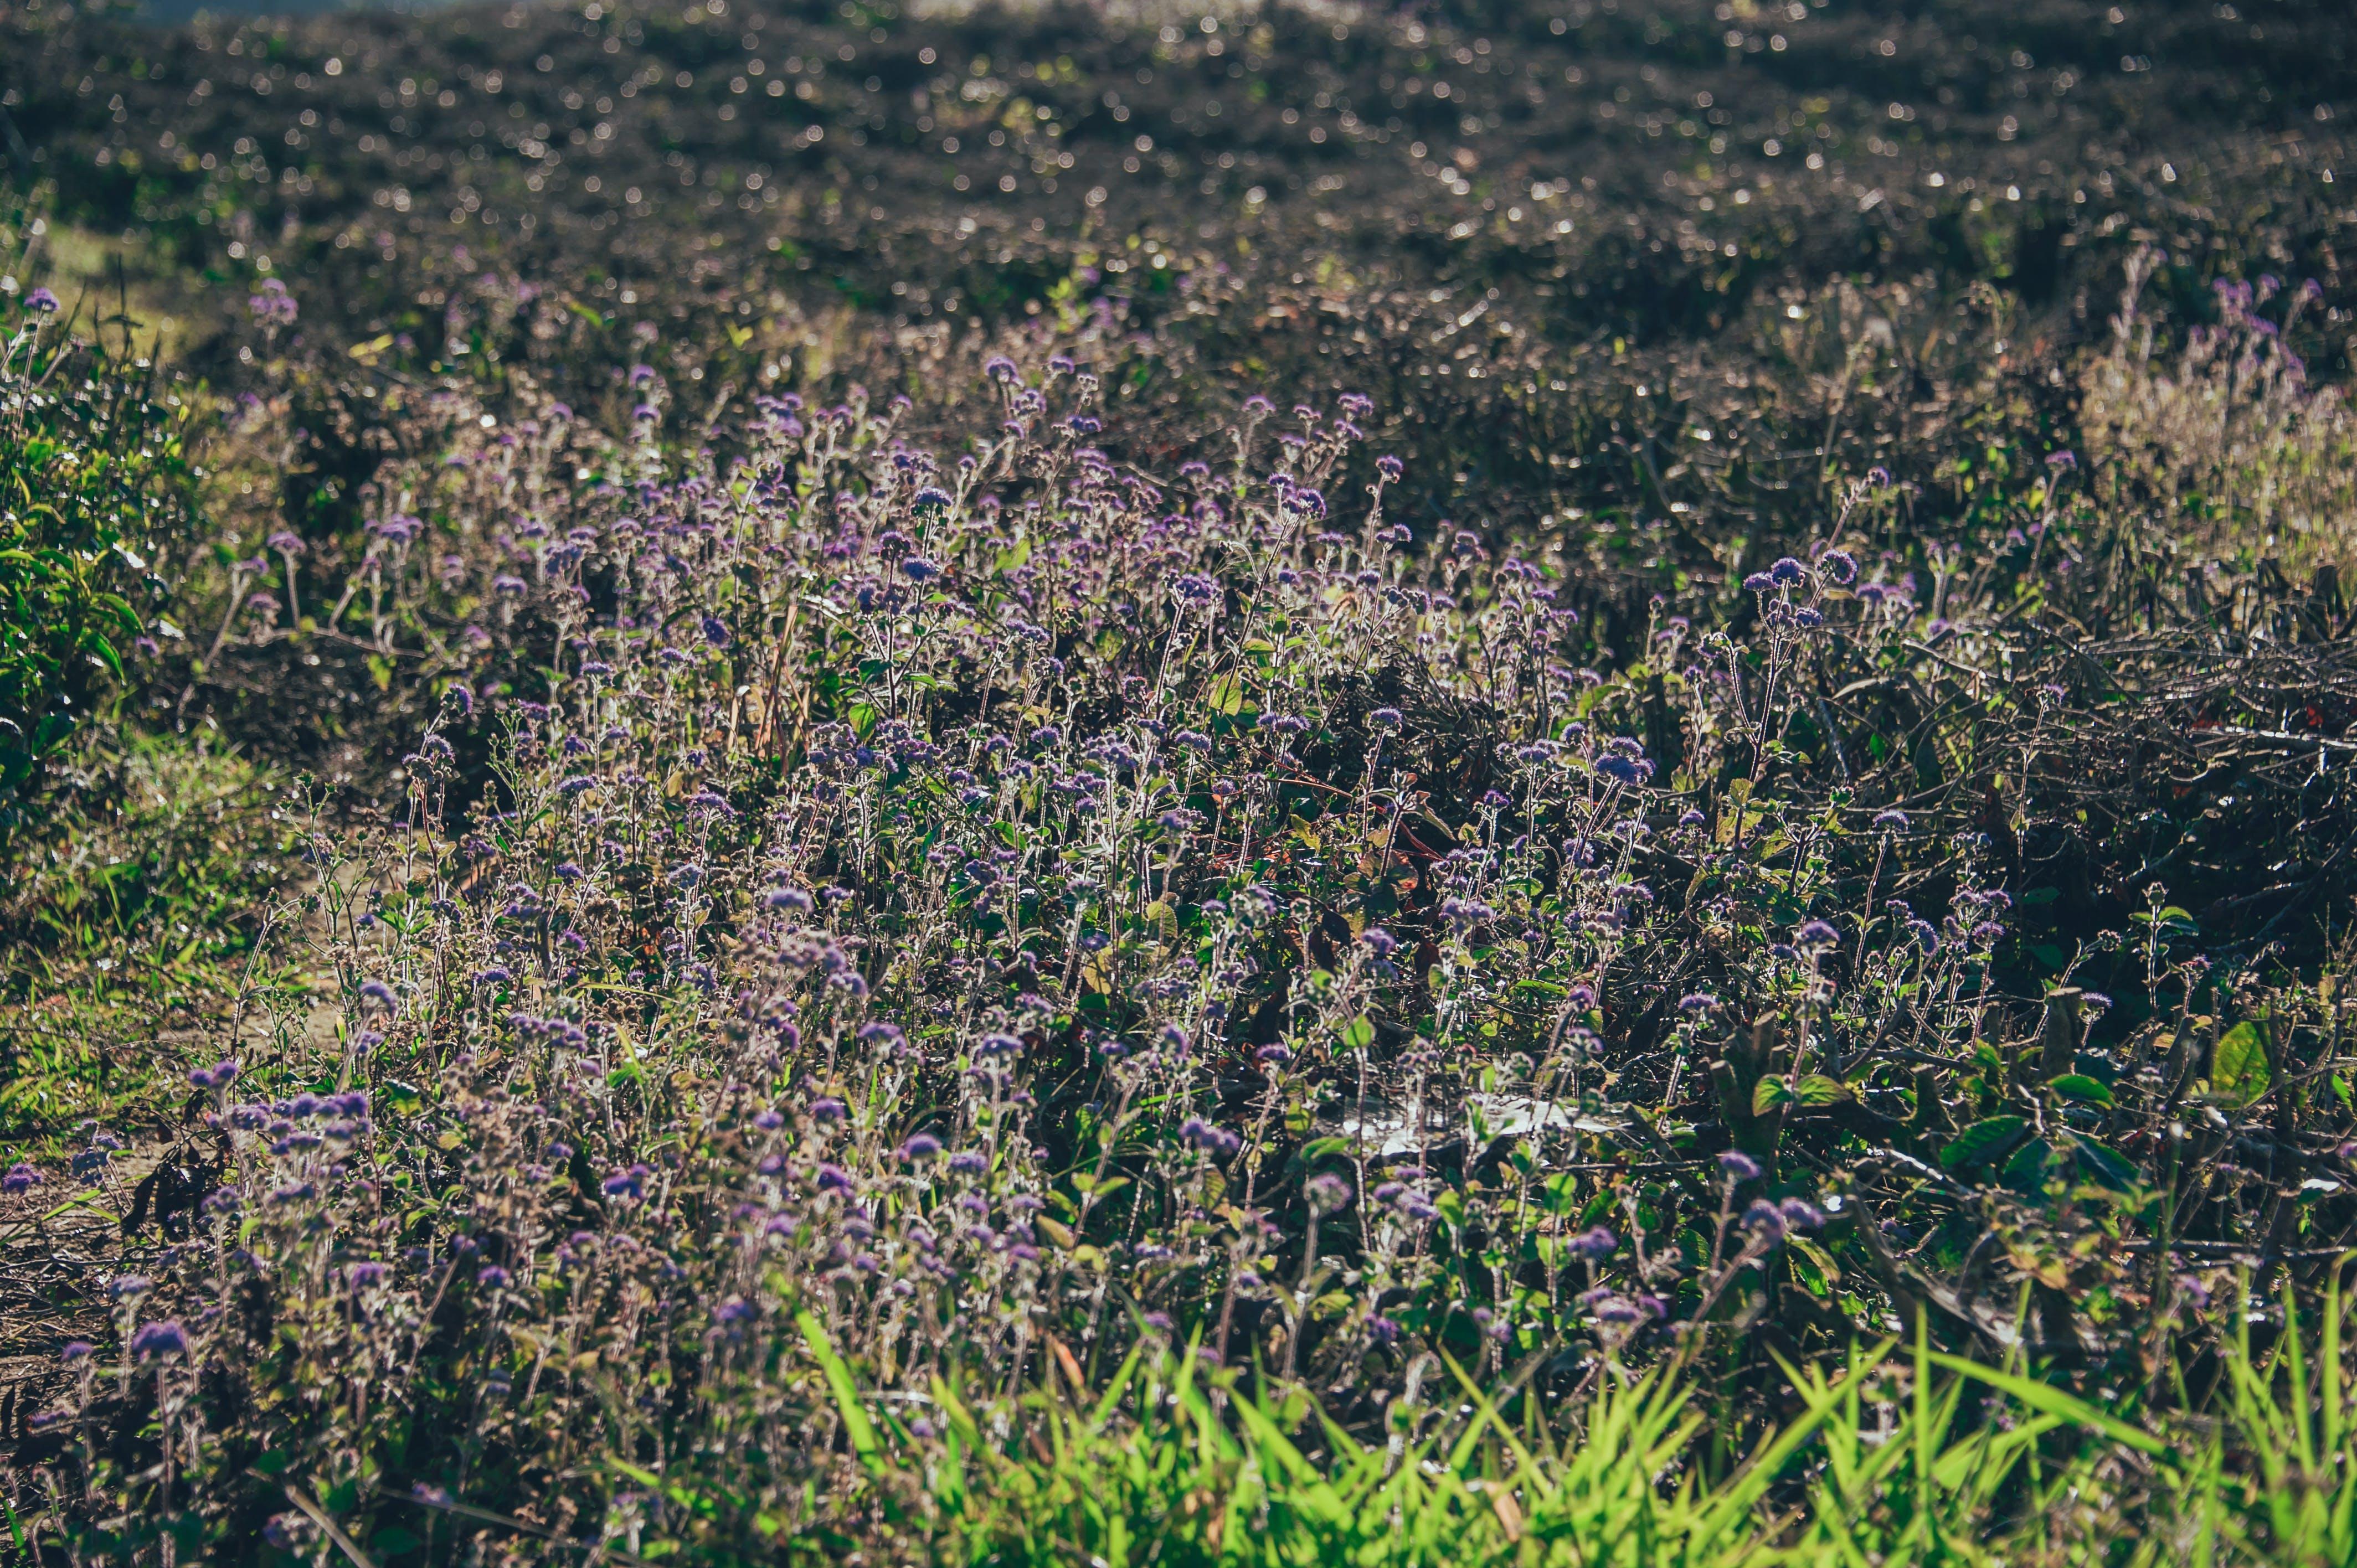 Purple Flower Field at Daytime